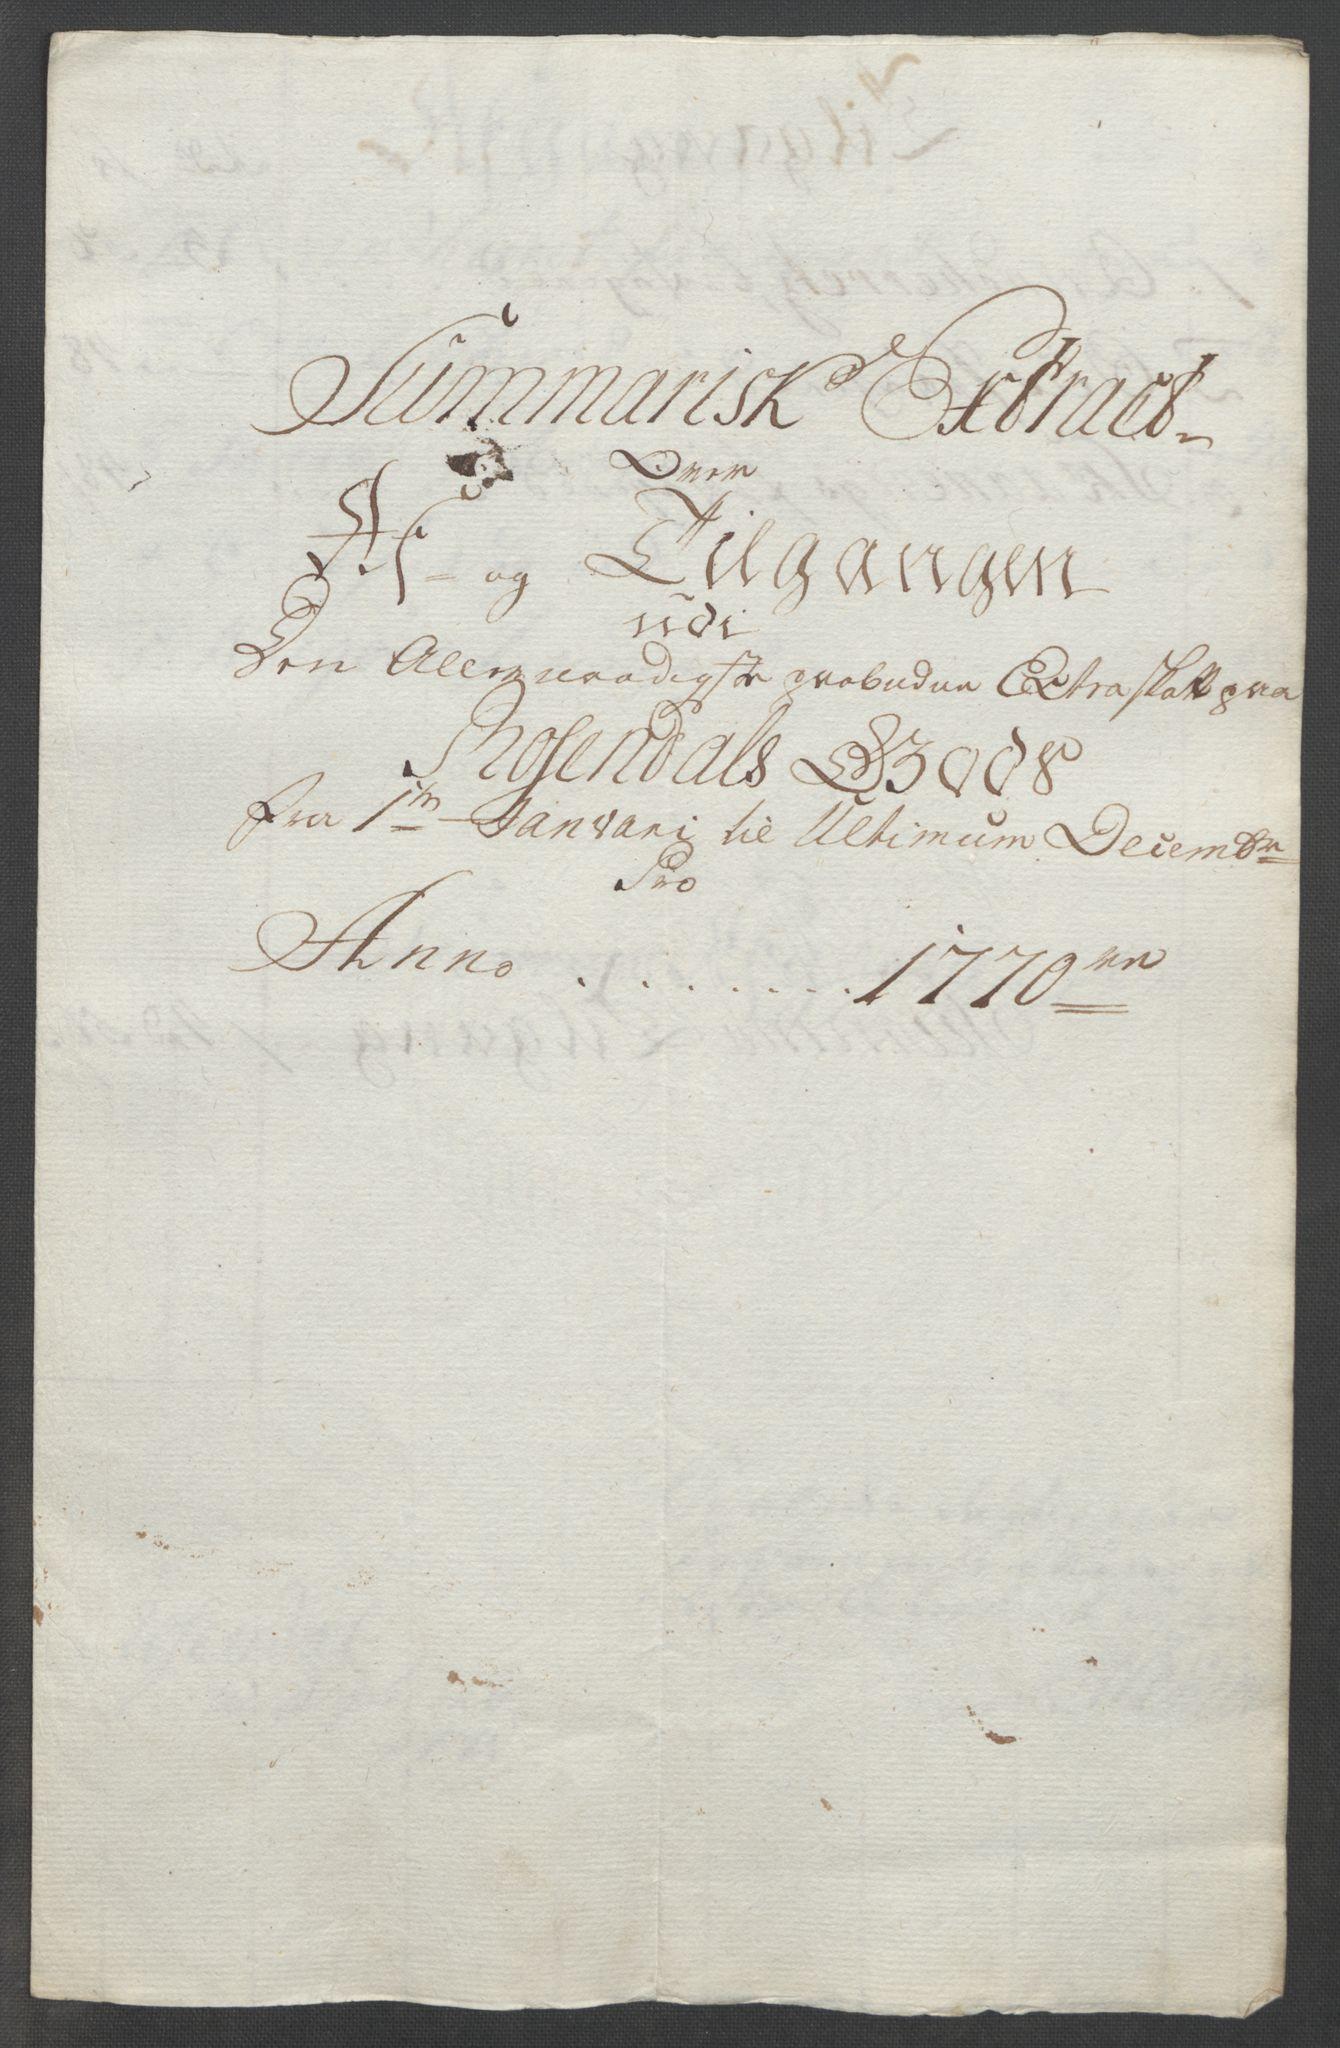 RA, Rentekammeret inntil 1814, Reviderte regnskaper, Fogderegnskap, R49/L3157: Ekstraskatten Rosendal Baroni, 1762-1772, s. 292